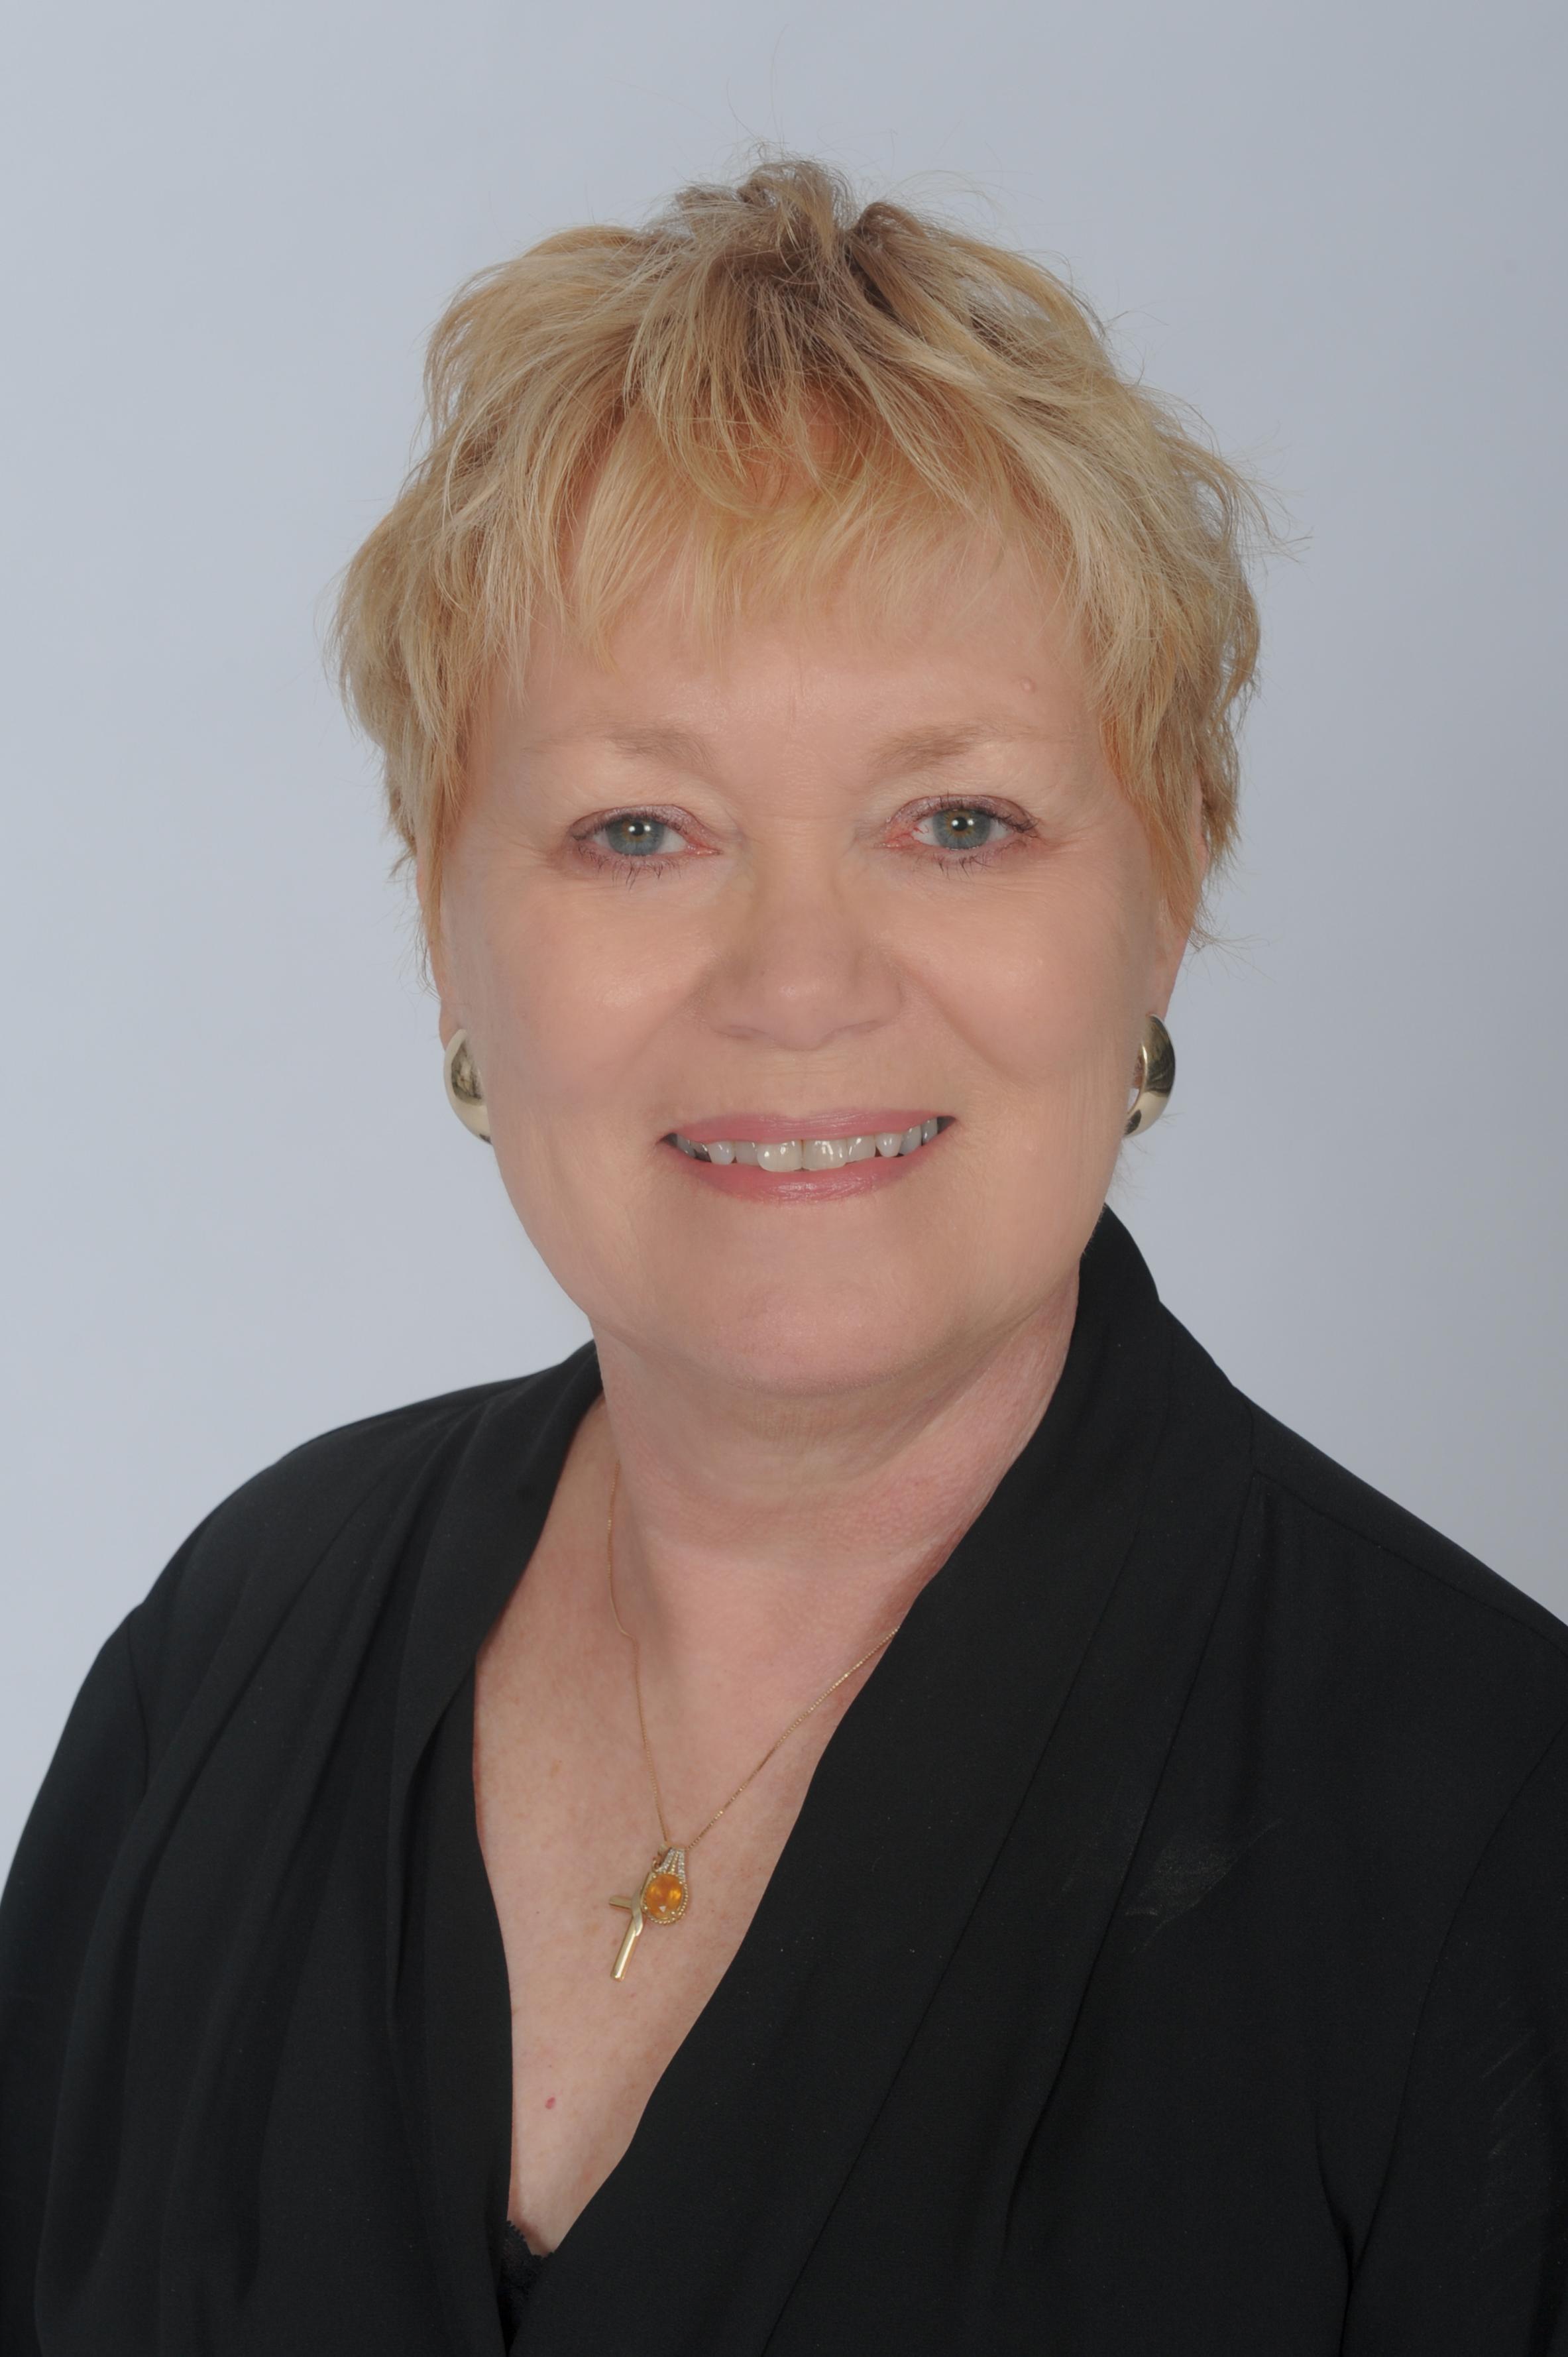 Lynn Tinger